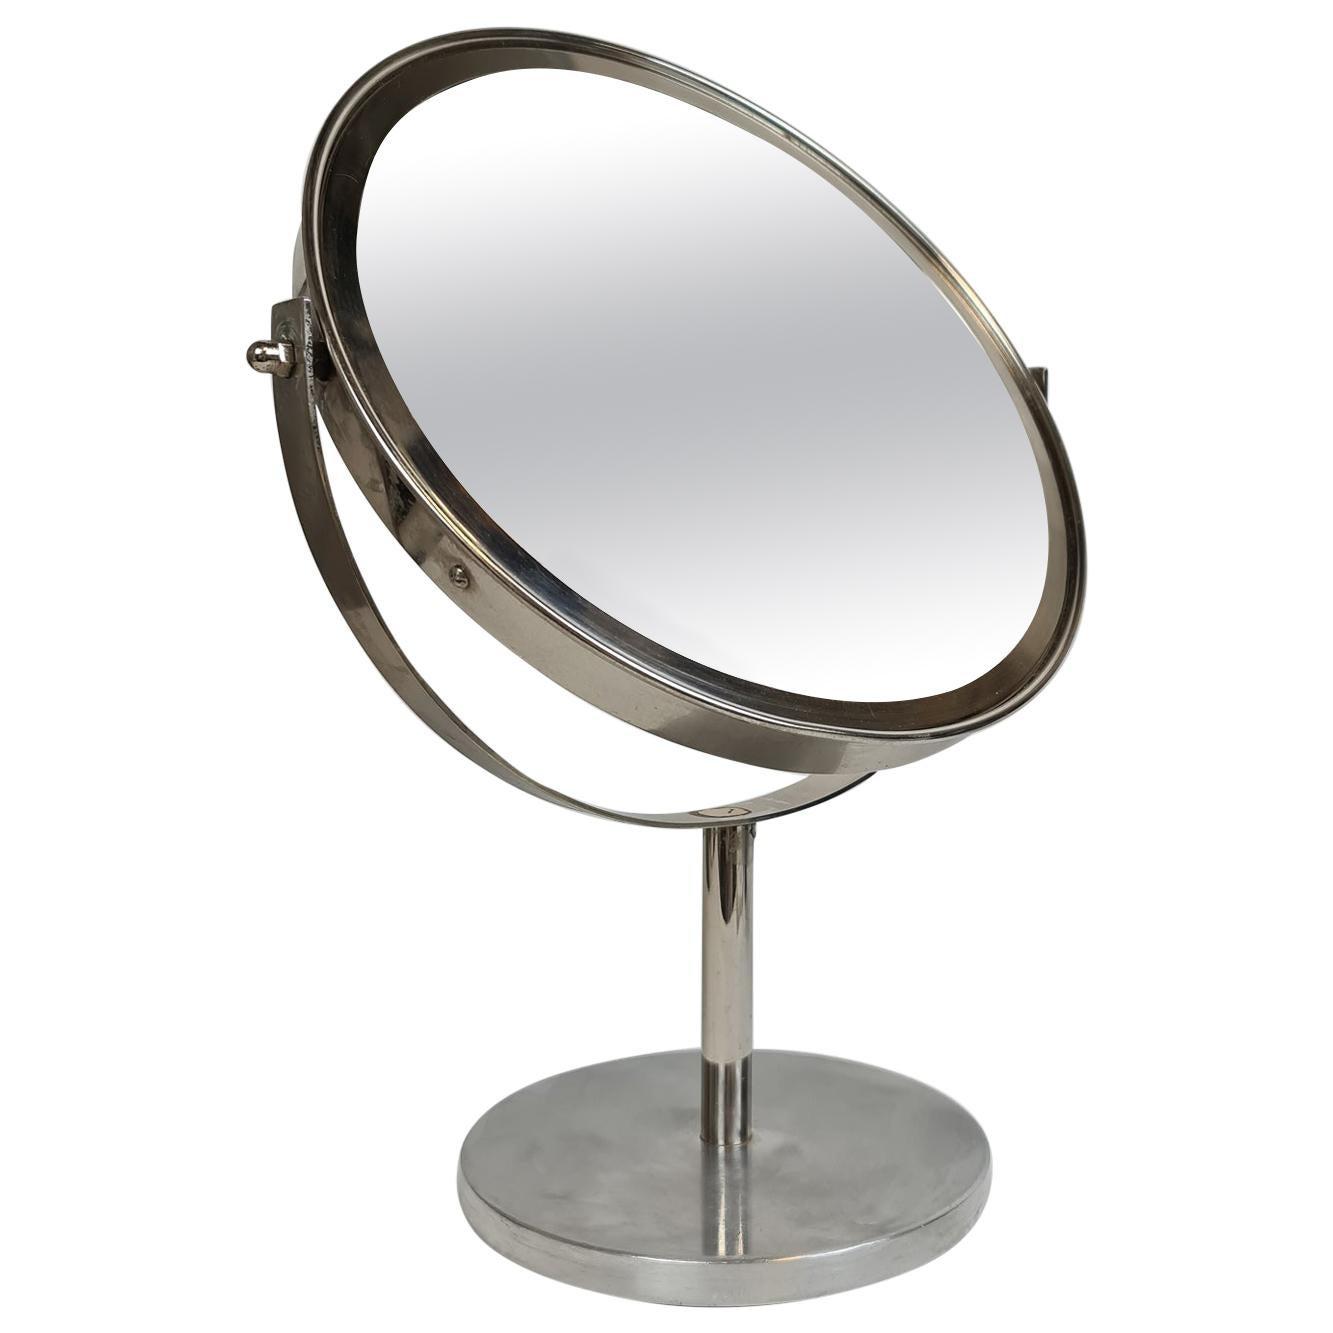 Midcentury Vanity Hans-Agne Jakobsson Chrome Table Mirror, Sweden